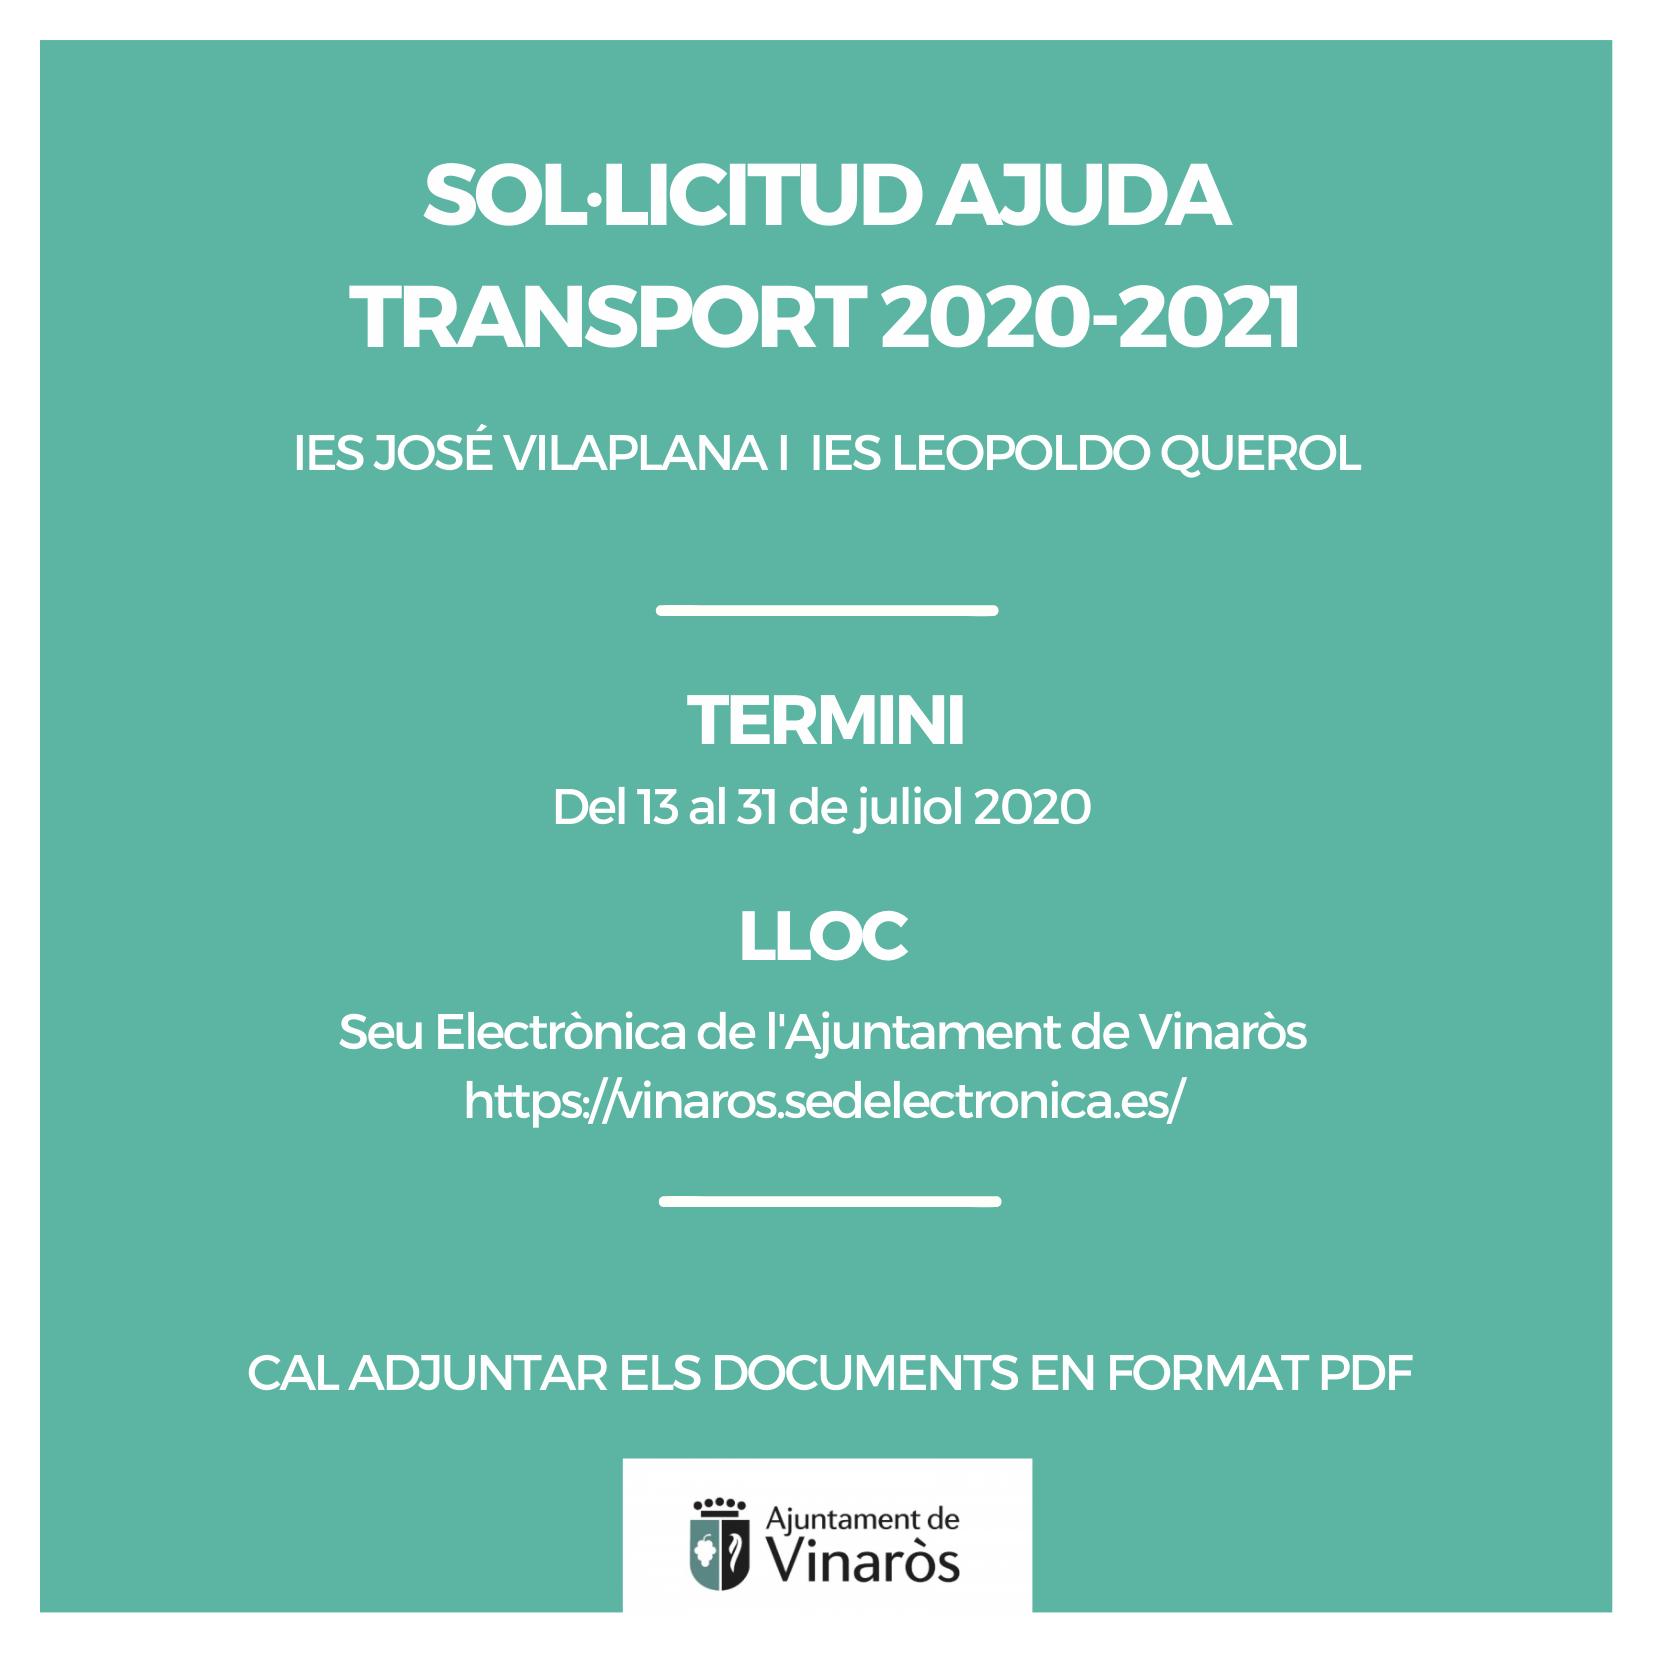 S'obri el termini per sol·licitar les ajudes al transport del curs 2020-2021